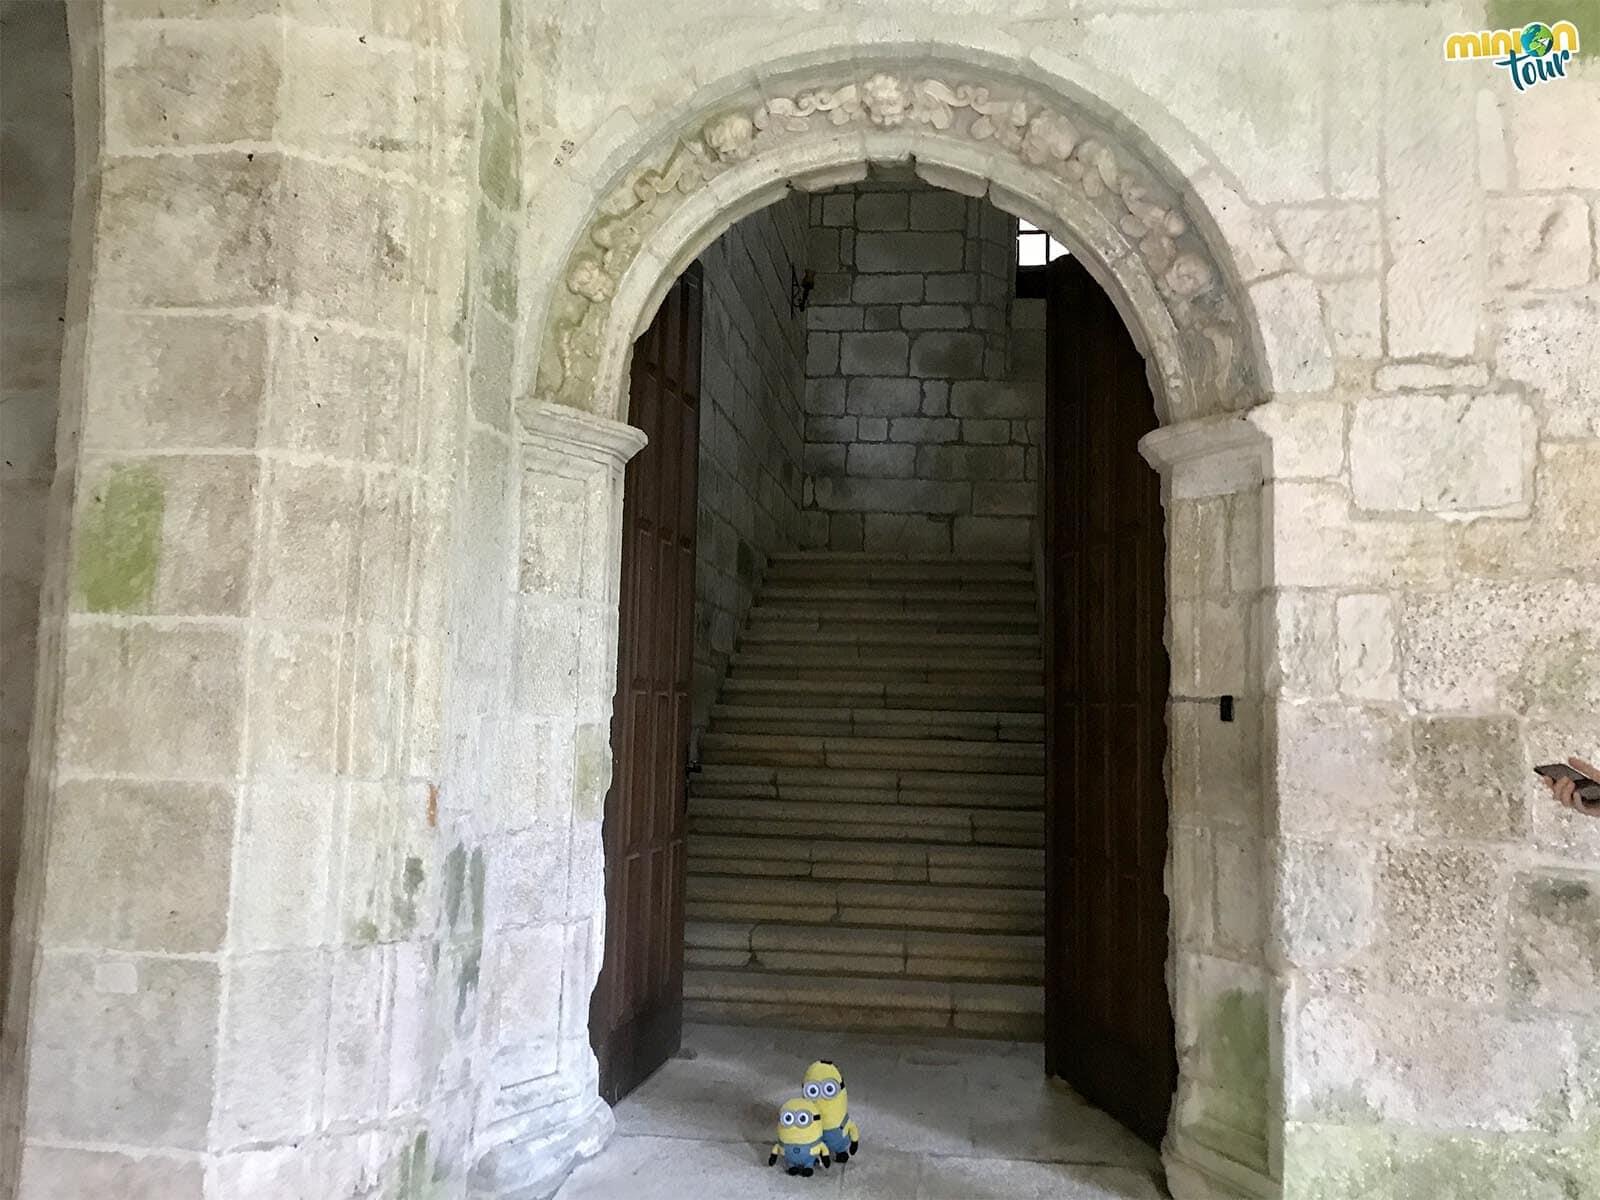 Vamos a ver la Escalera de los Obispos